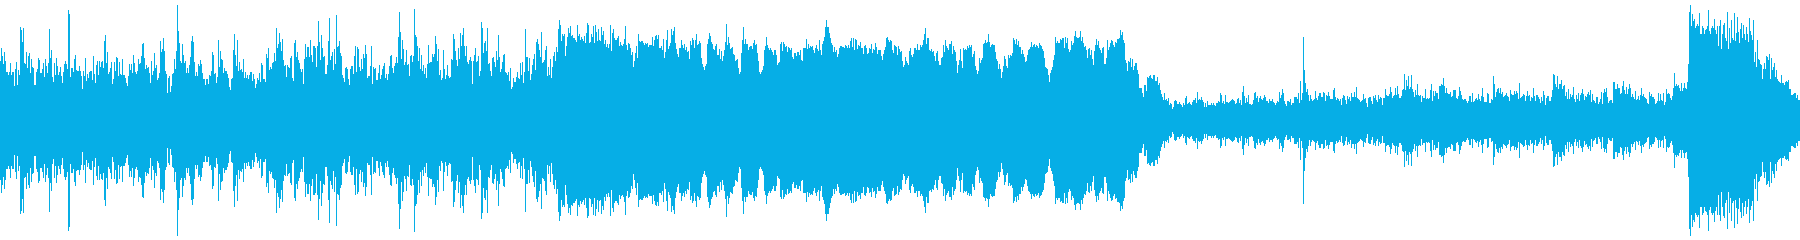 アラスカ鉄道スワード駅に到着した音の再生済みの波形